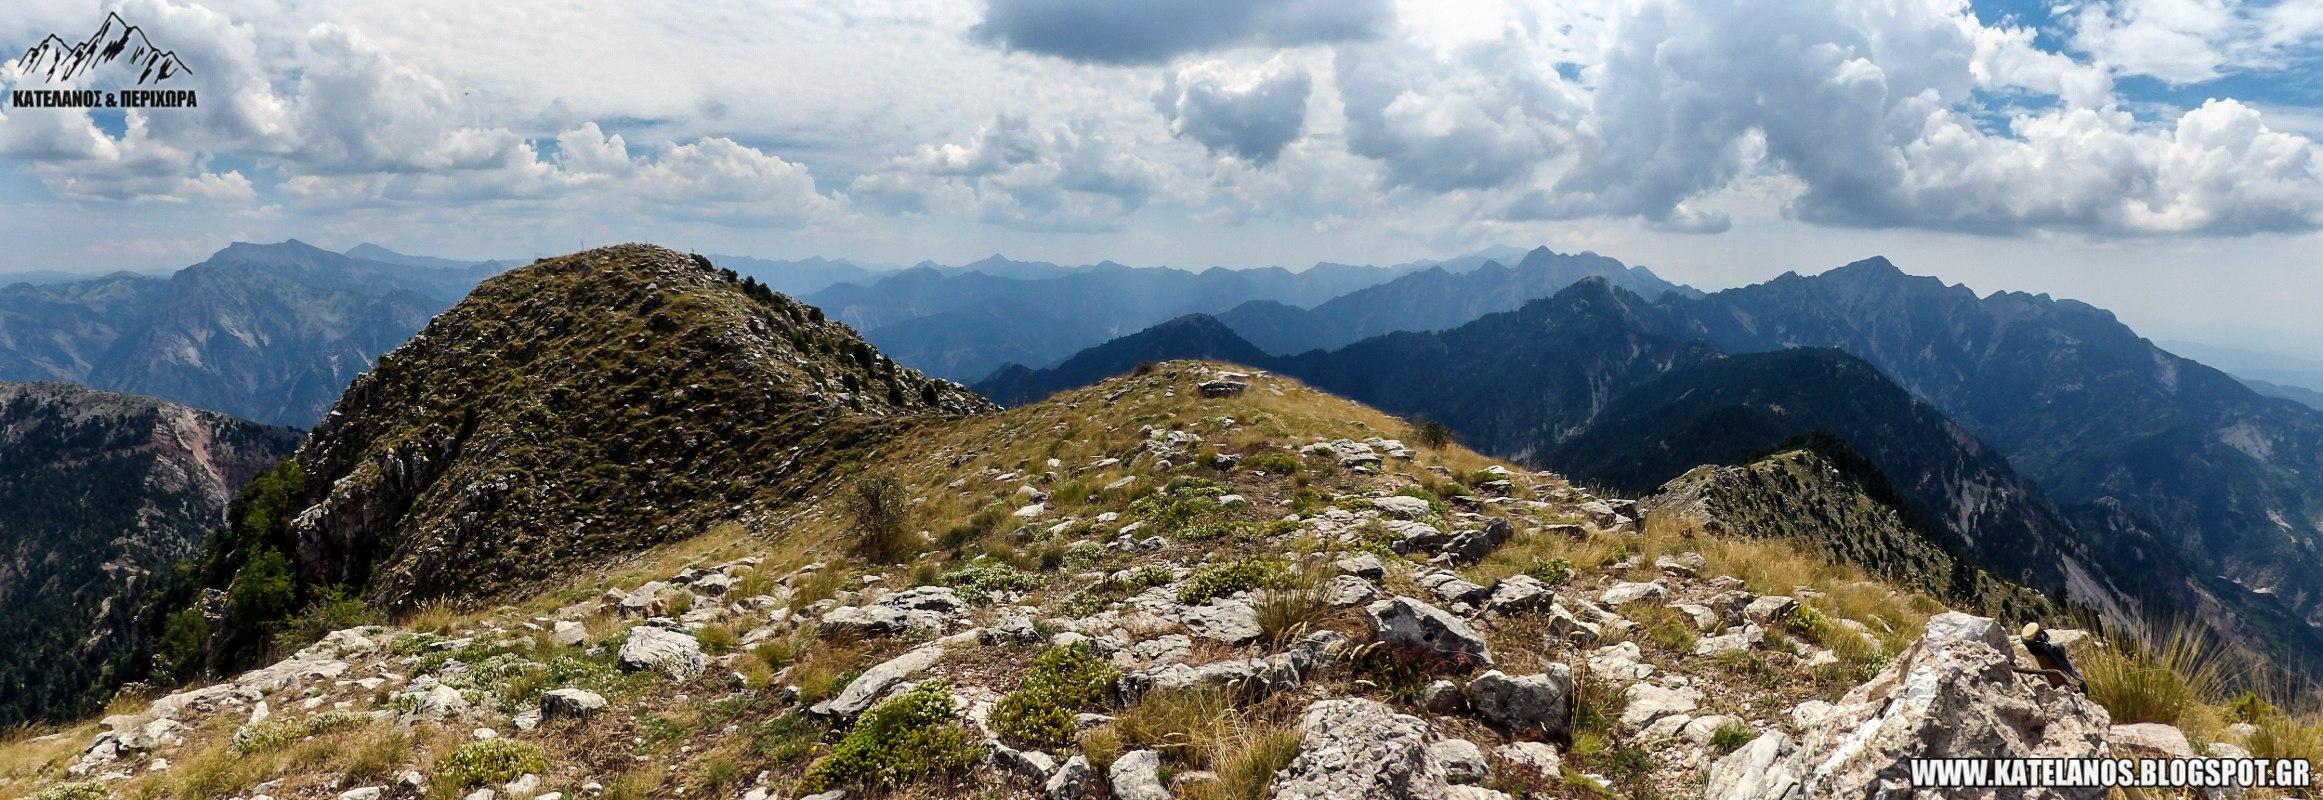 συννεφιασμενα βουνα αιτωλοακαρνανια αξιοθεατα